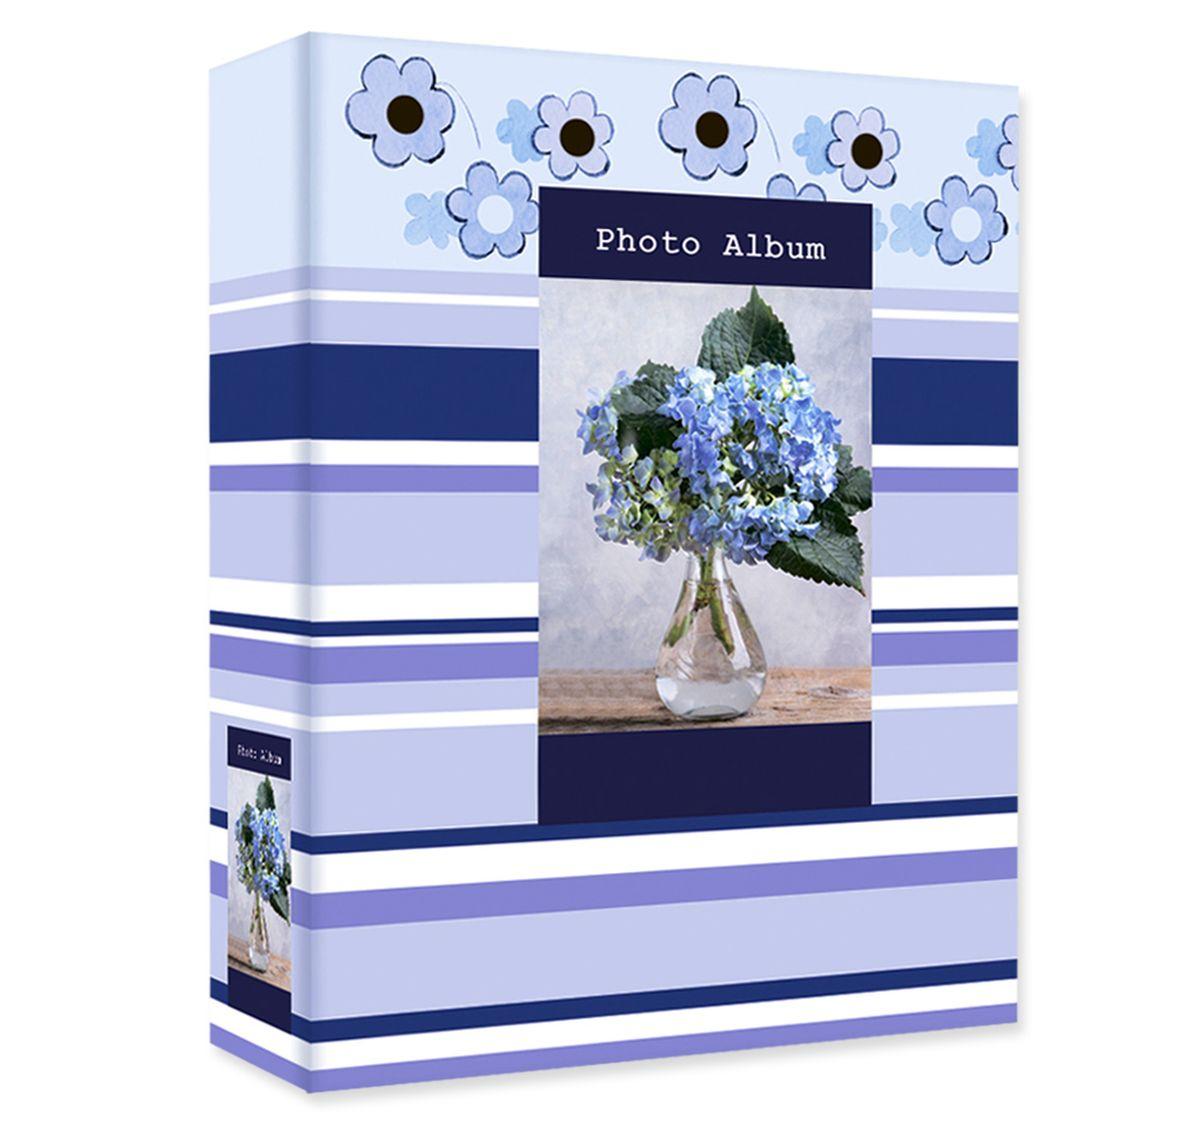 Фотоальбом Pioneer Early Spring, 100 фотографий, 10 х 15 см, цвет: голубой фотоальбом platinum классика 240 фотографий 10 x 15 см